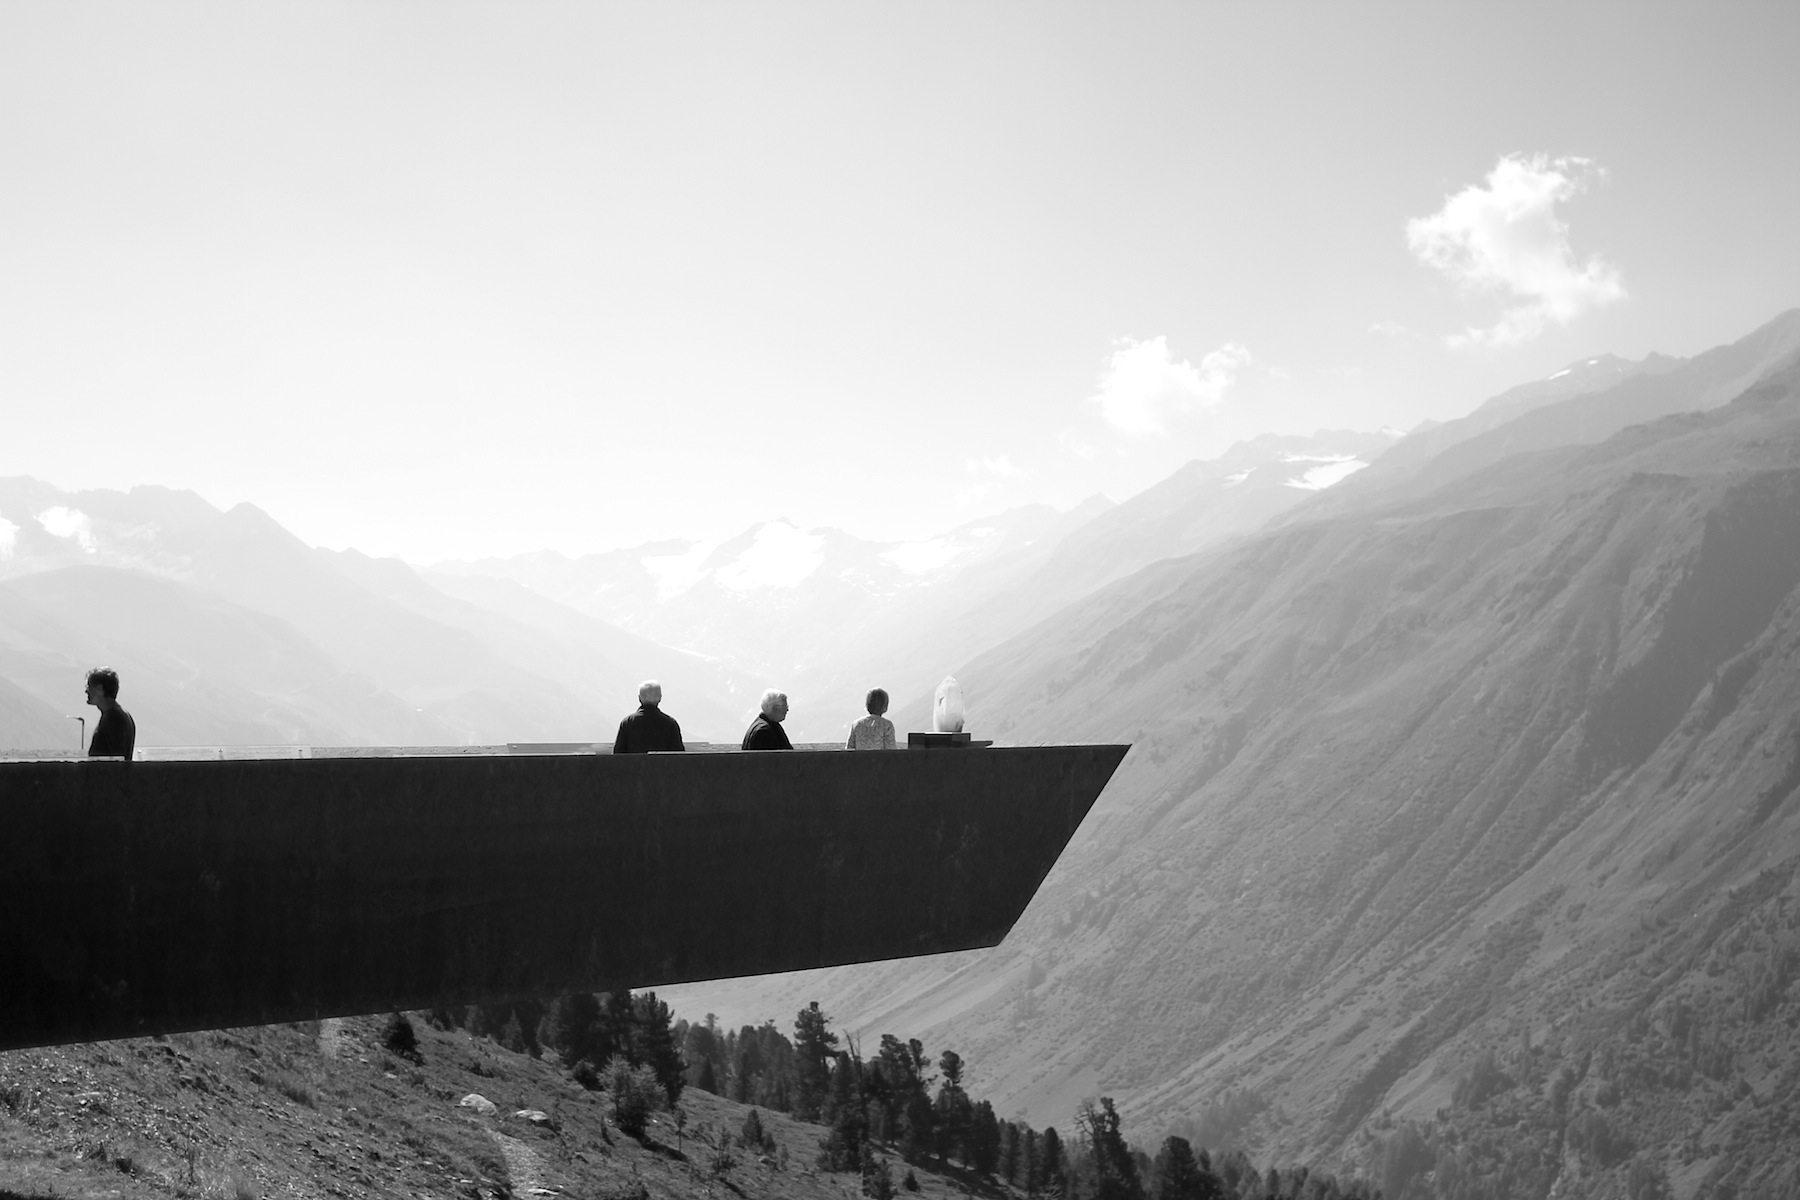 Der Steg. Bei der Mautstation in Hochgurgl, noch auf Nordtiroler Seite, befindet sich